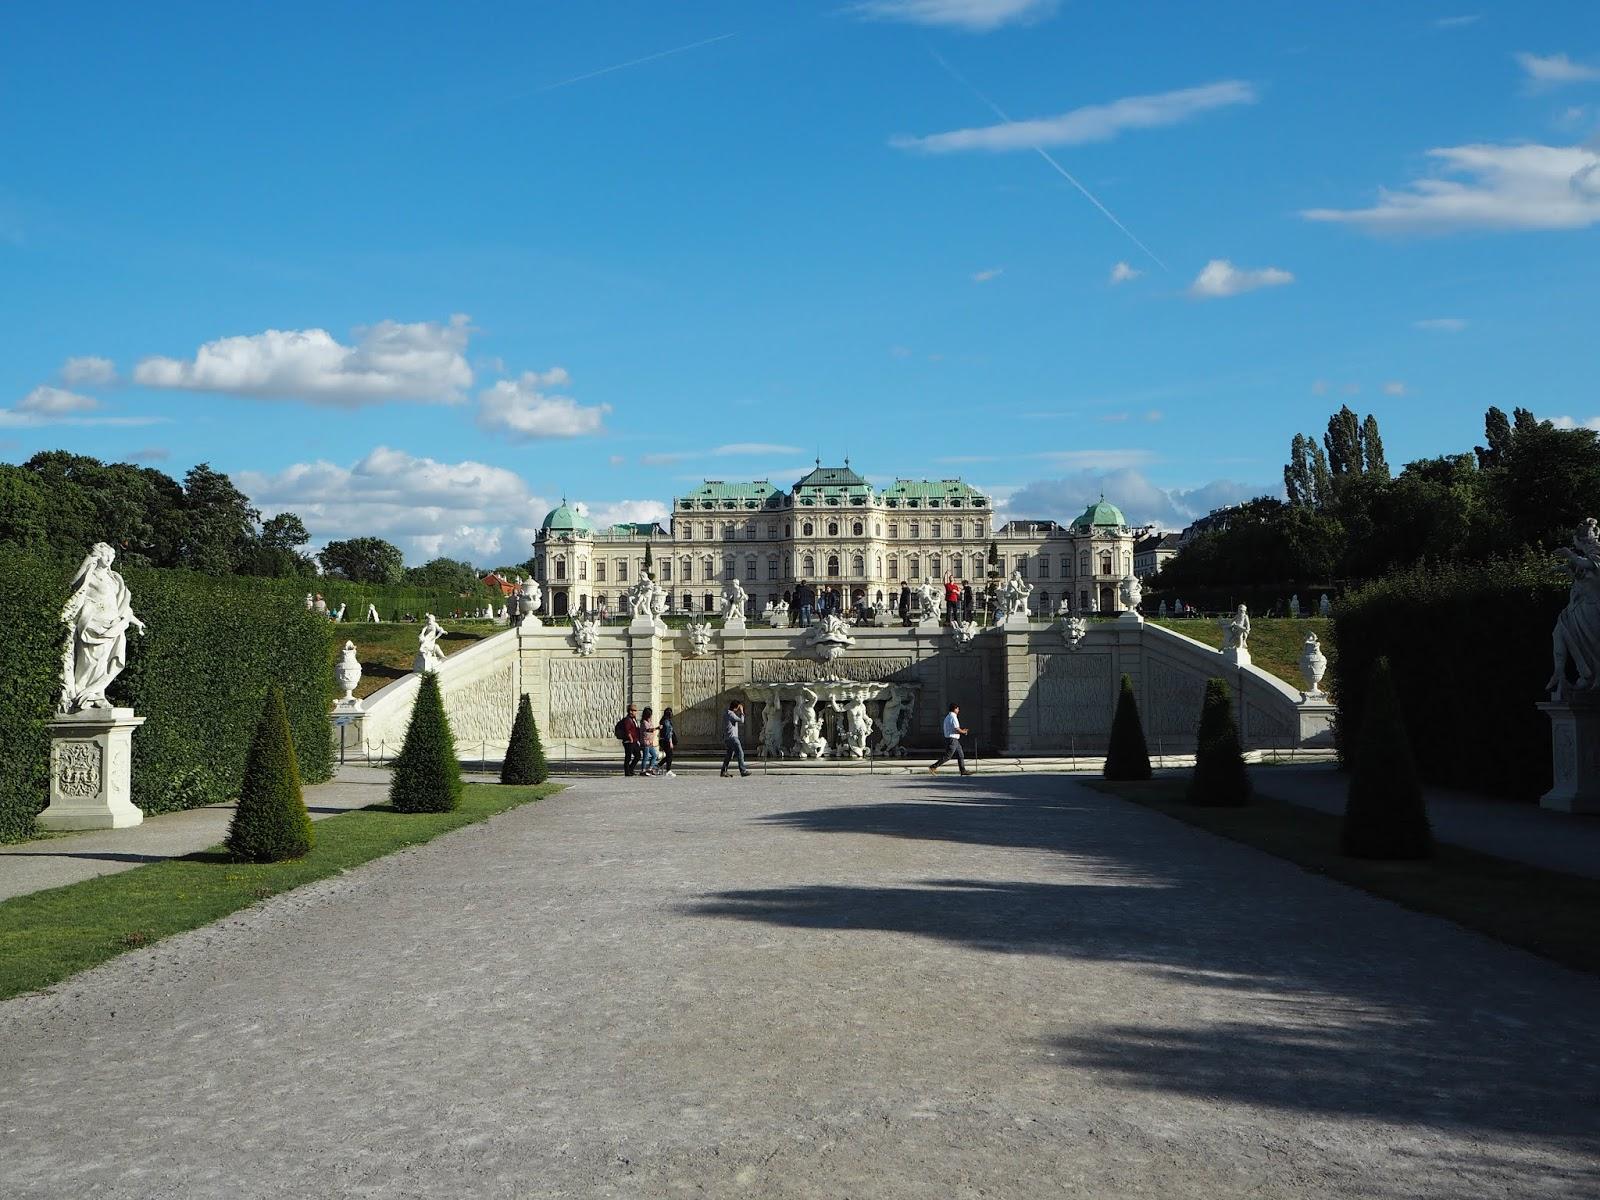 palace belvedere in vienna